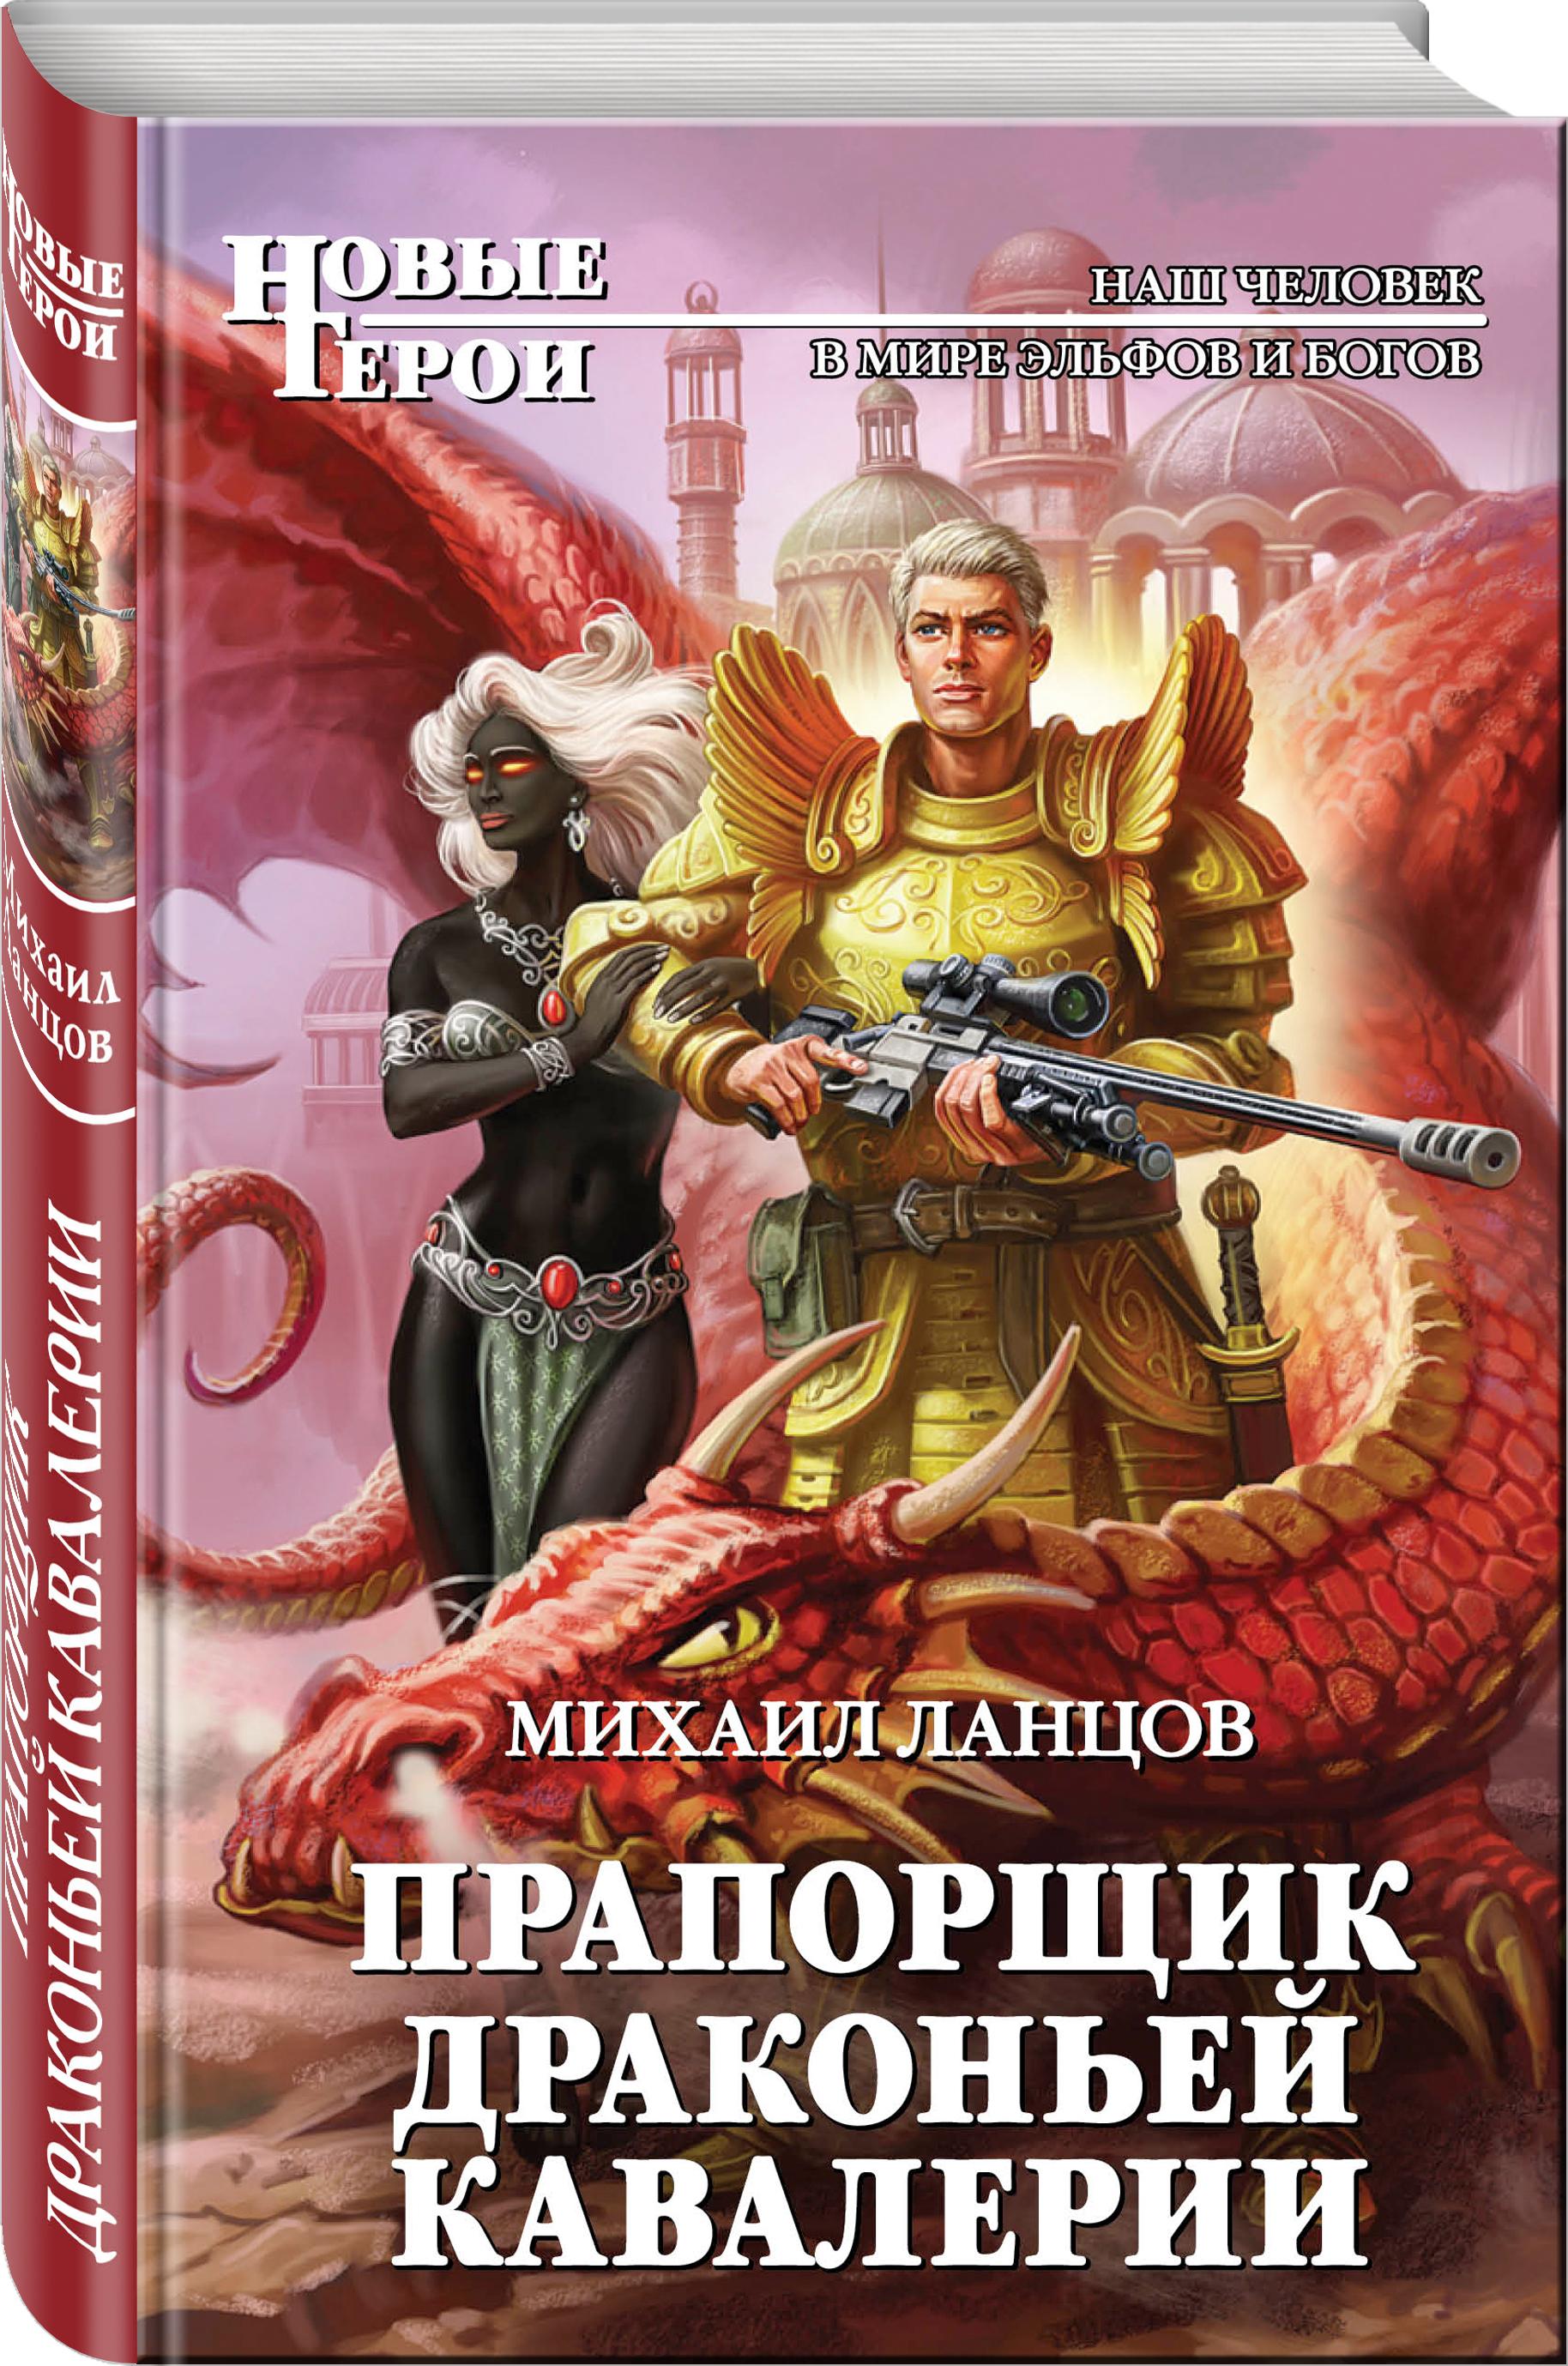 Михаил Ланцов Прапорщик драконьей кавалерии